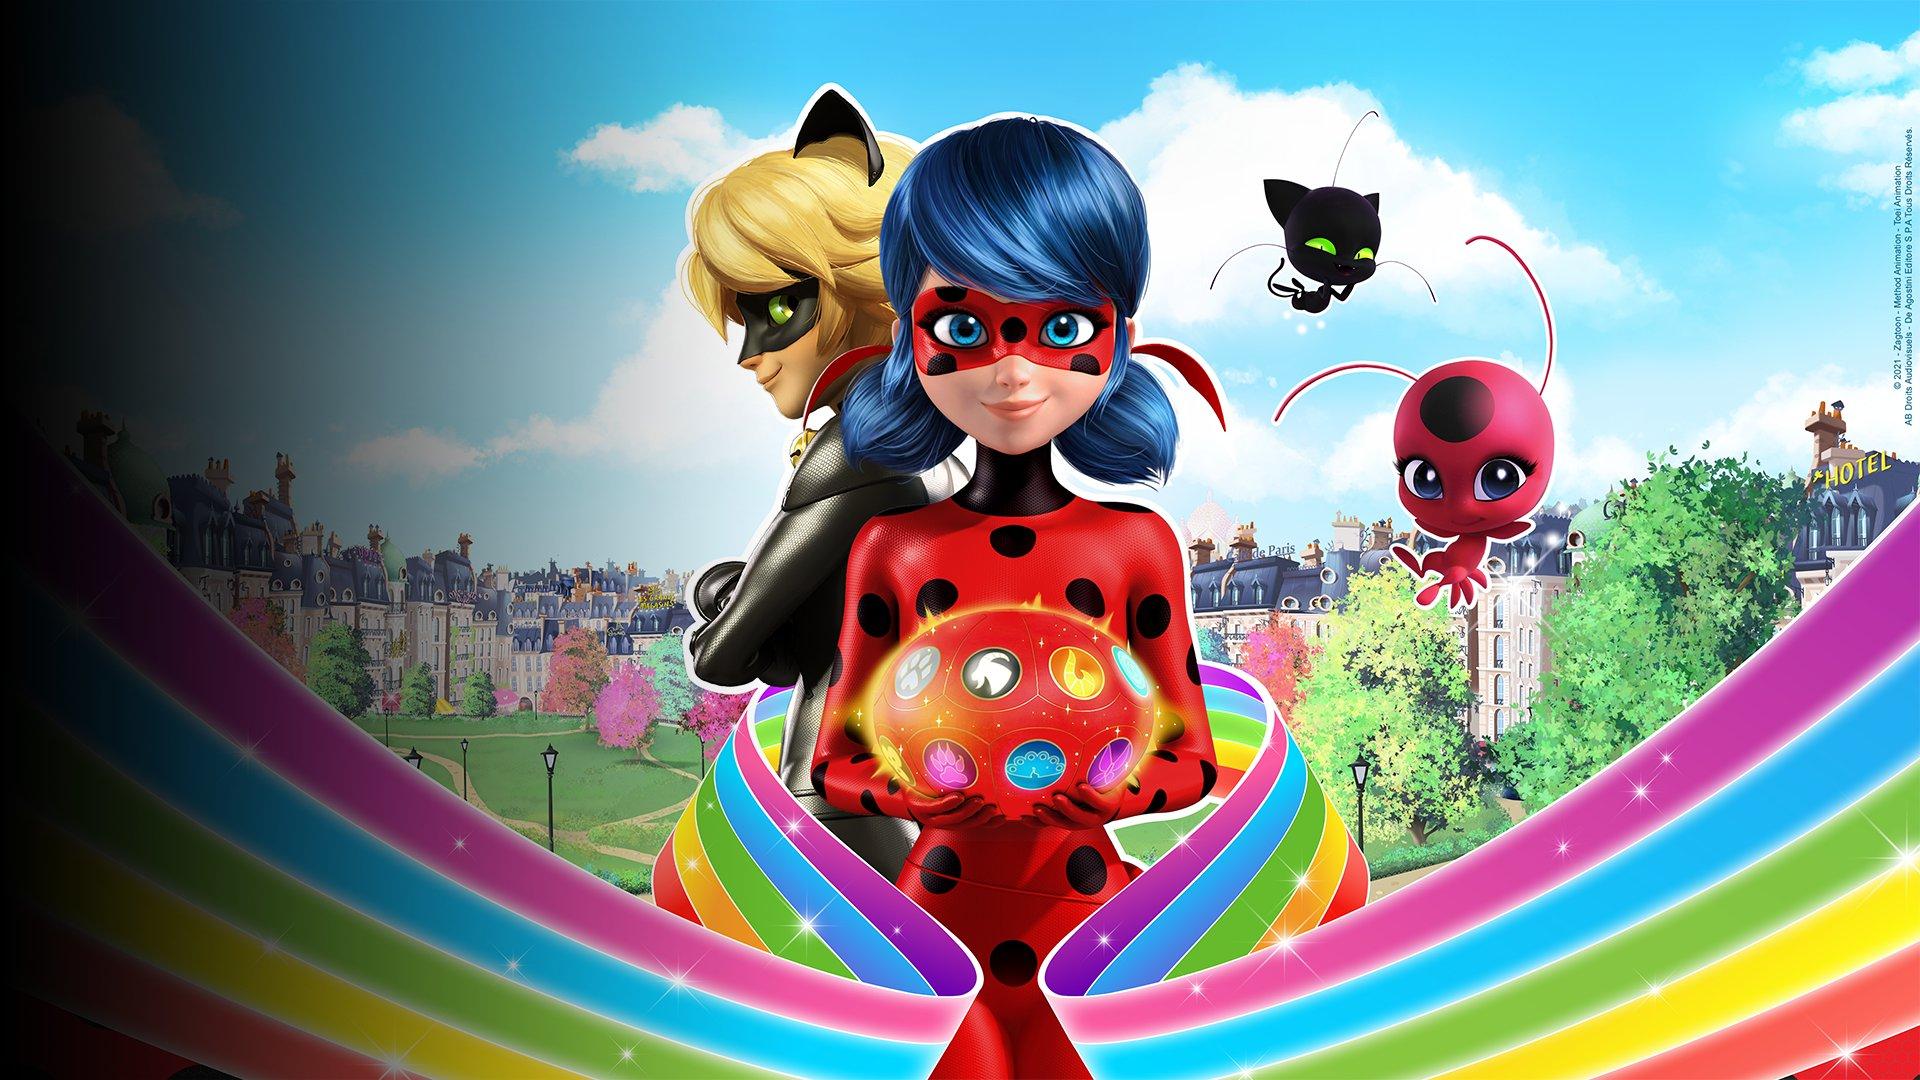 fond Miraculous Les secrets - EP10 - Ladybug vue par Adrien